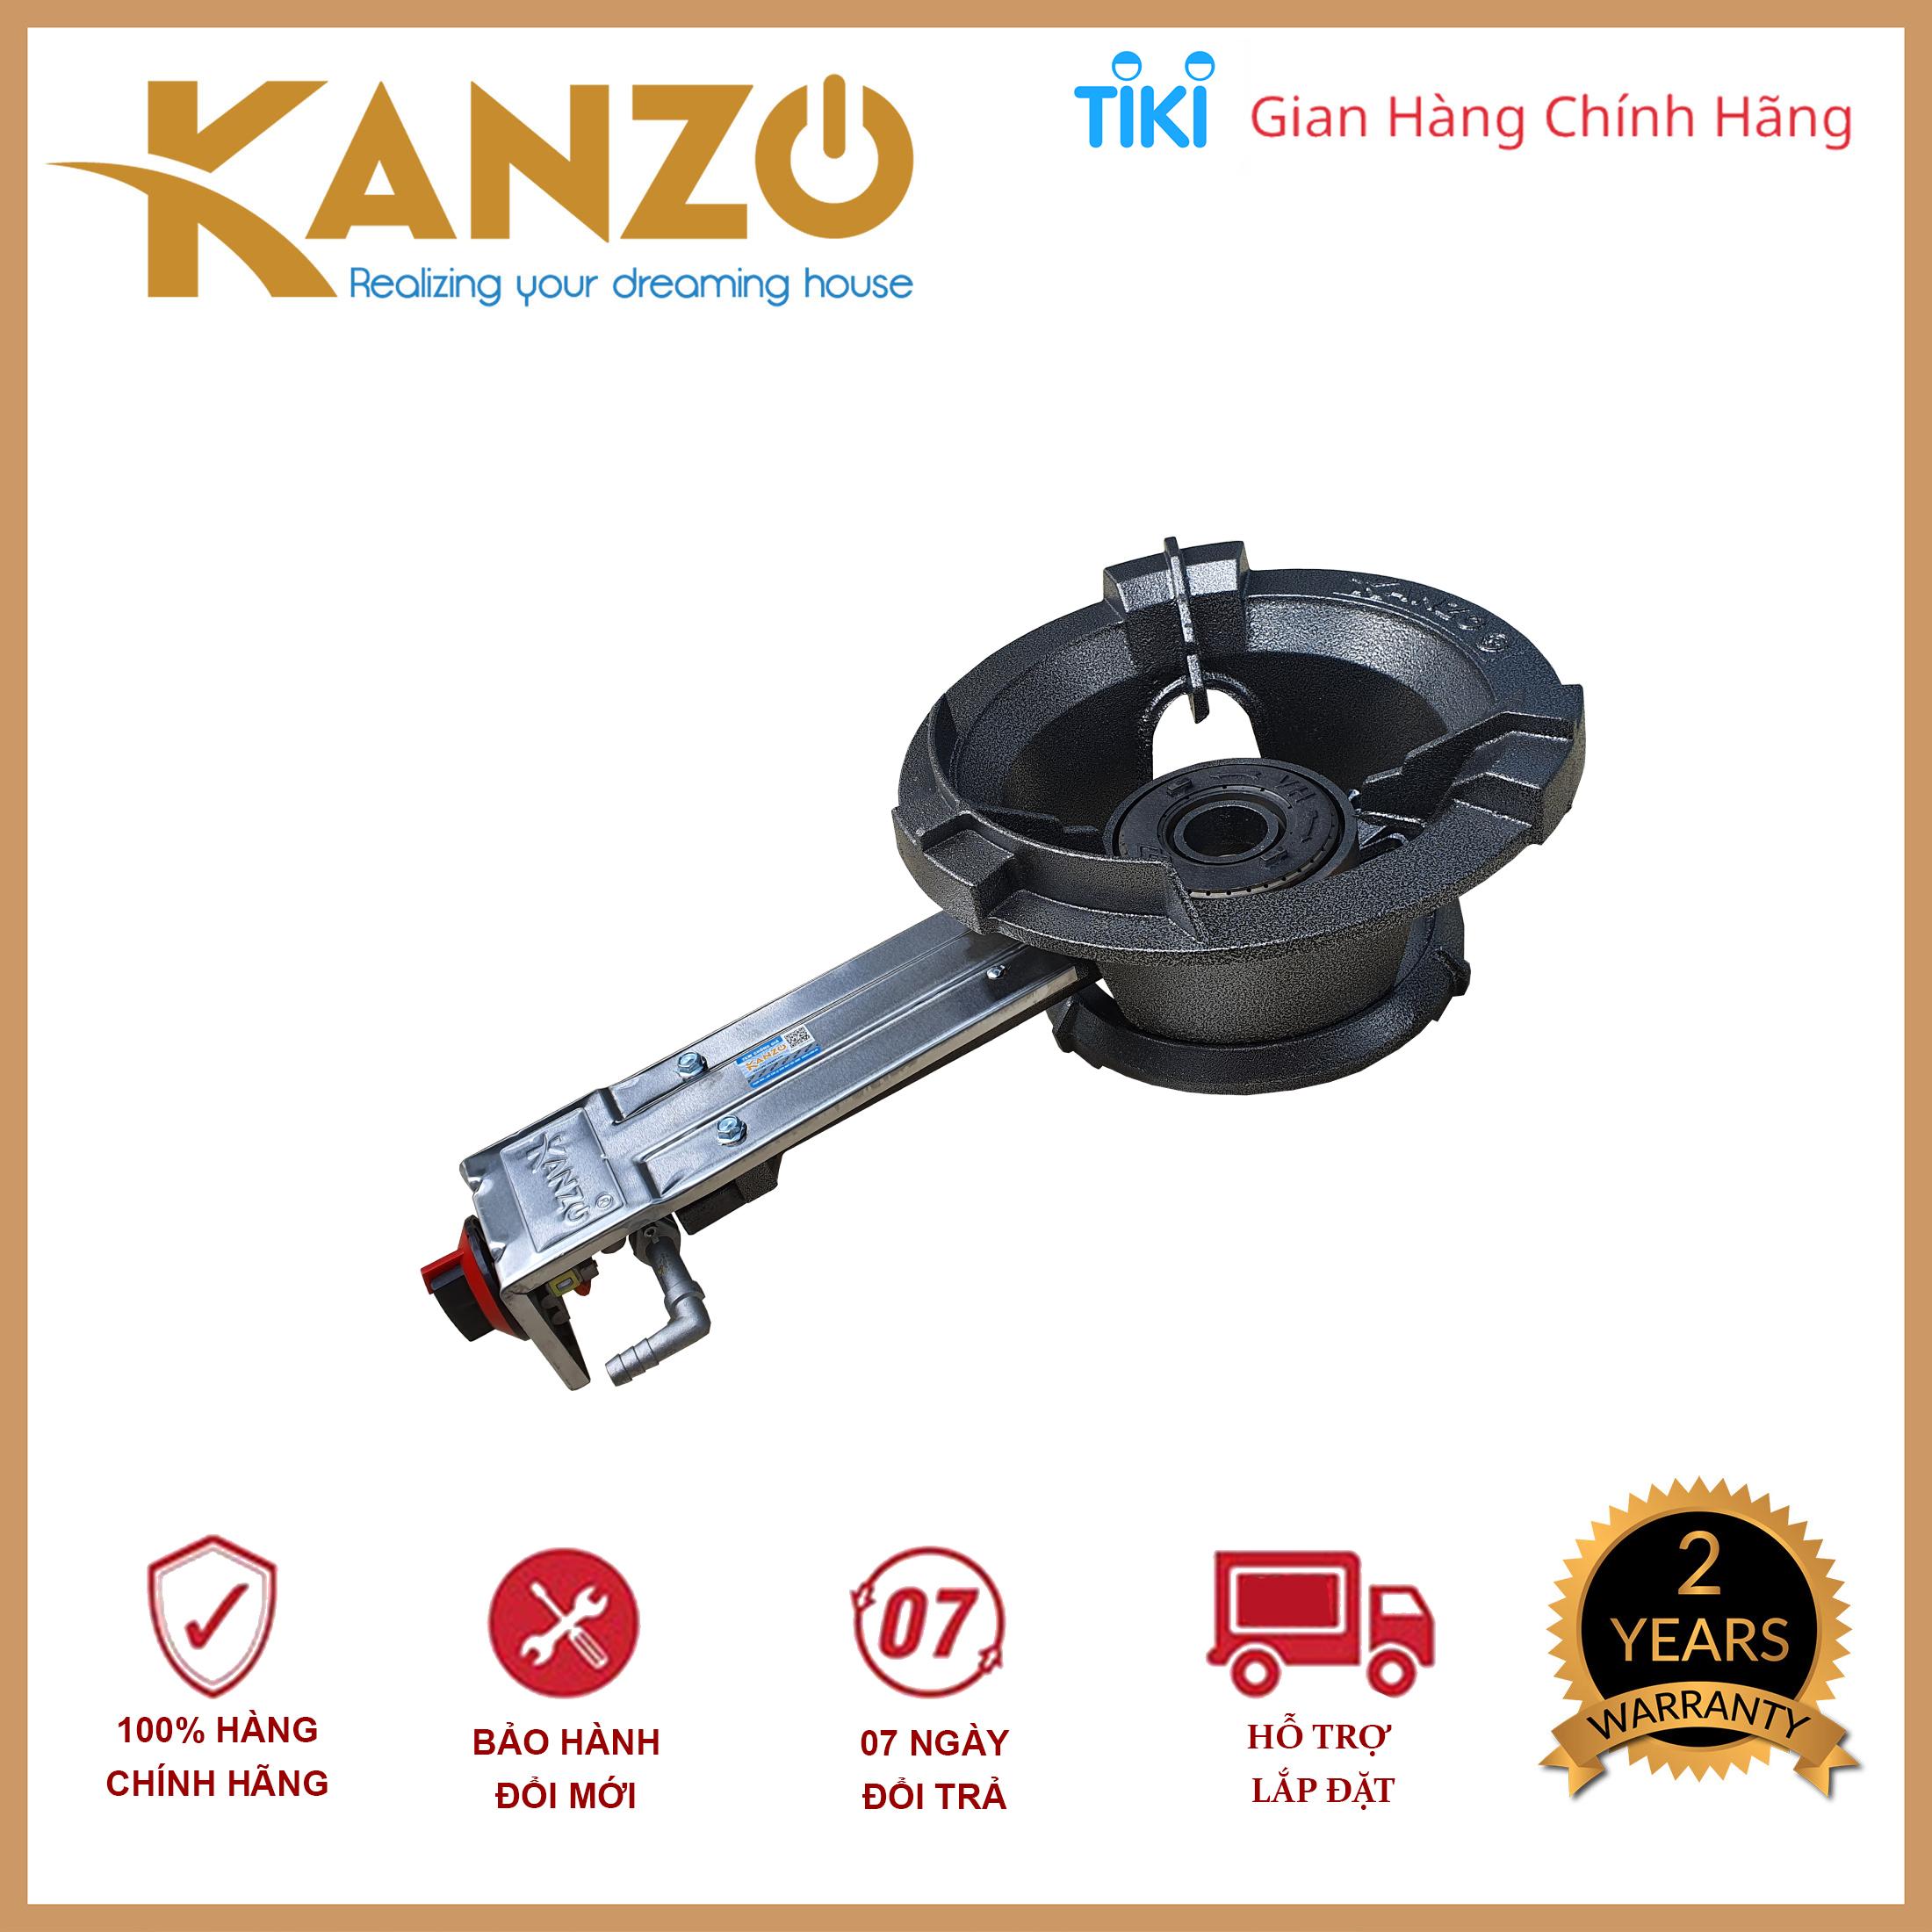 Bếp gas công nghiệp Kanzo KZ-CN10JP- Toàn thân đều được gang sơn cao cấp - Hàng chính hãng